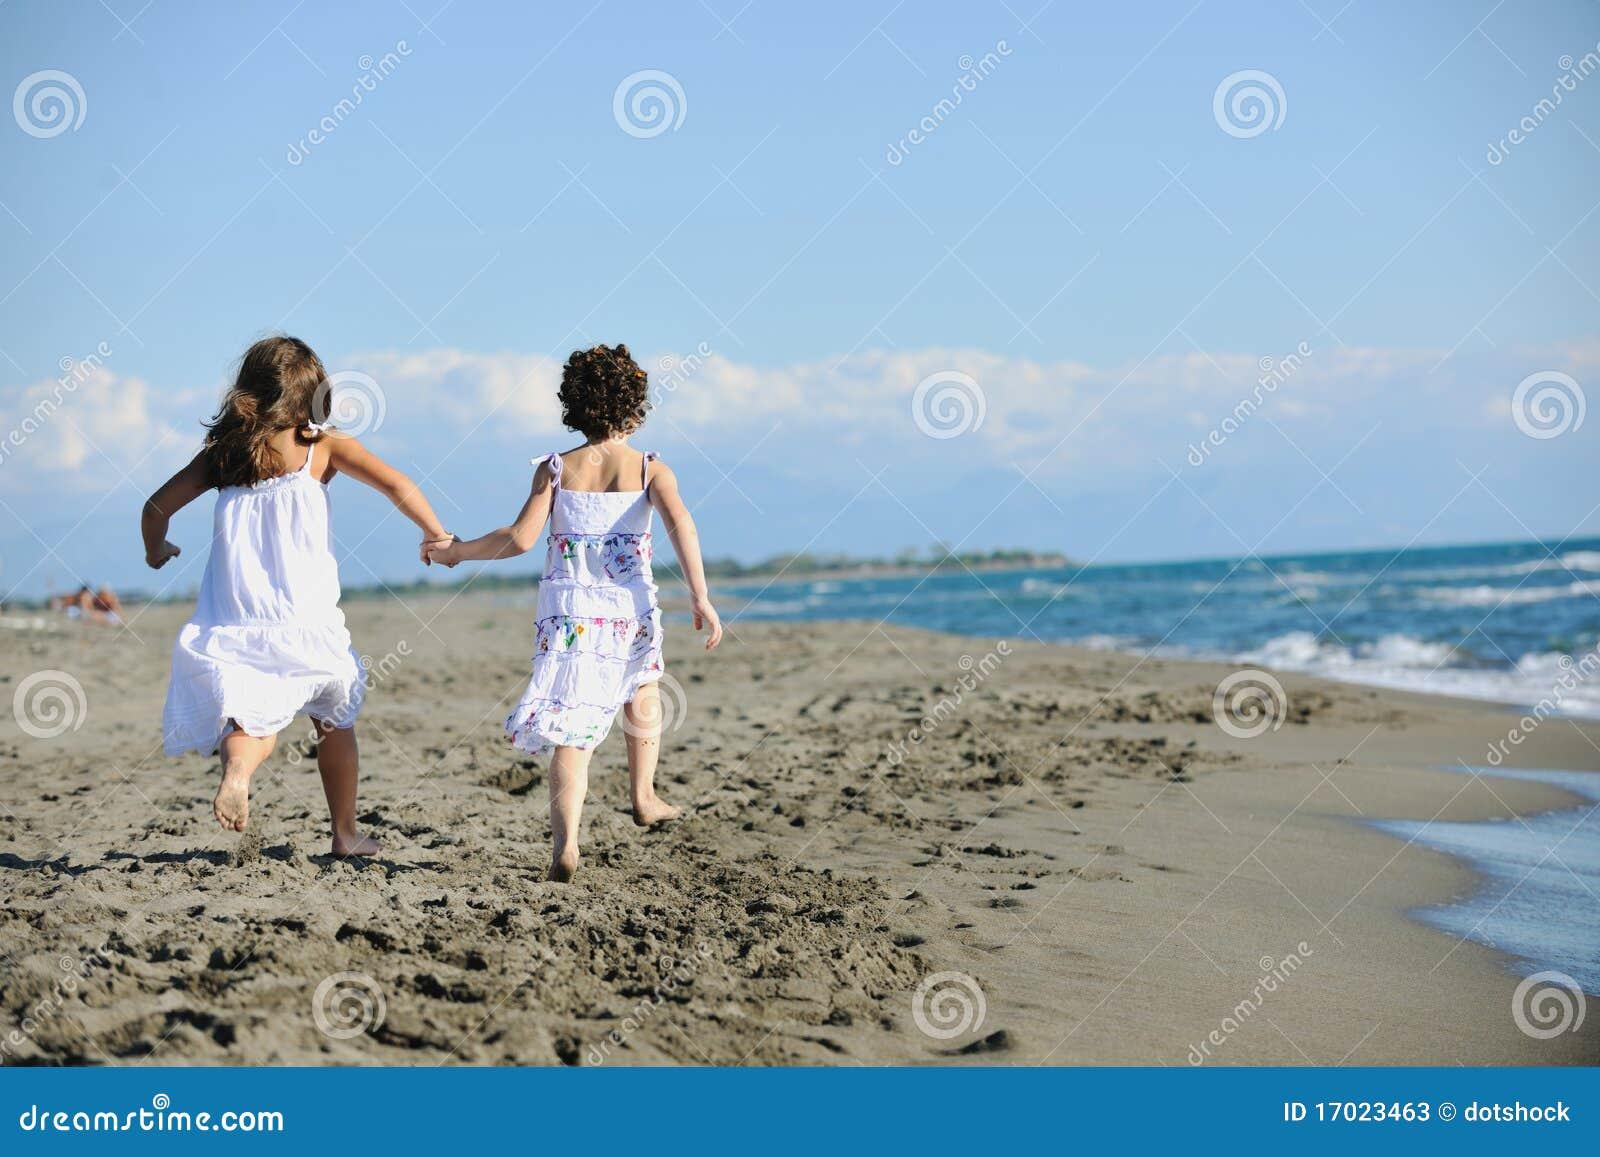 Молоденькие девочки на нудистком пляже фото 103-520